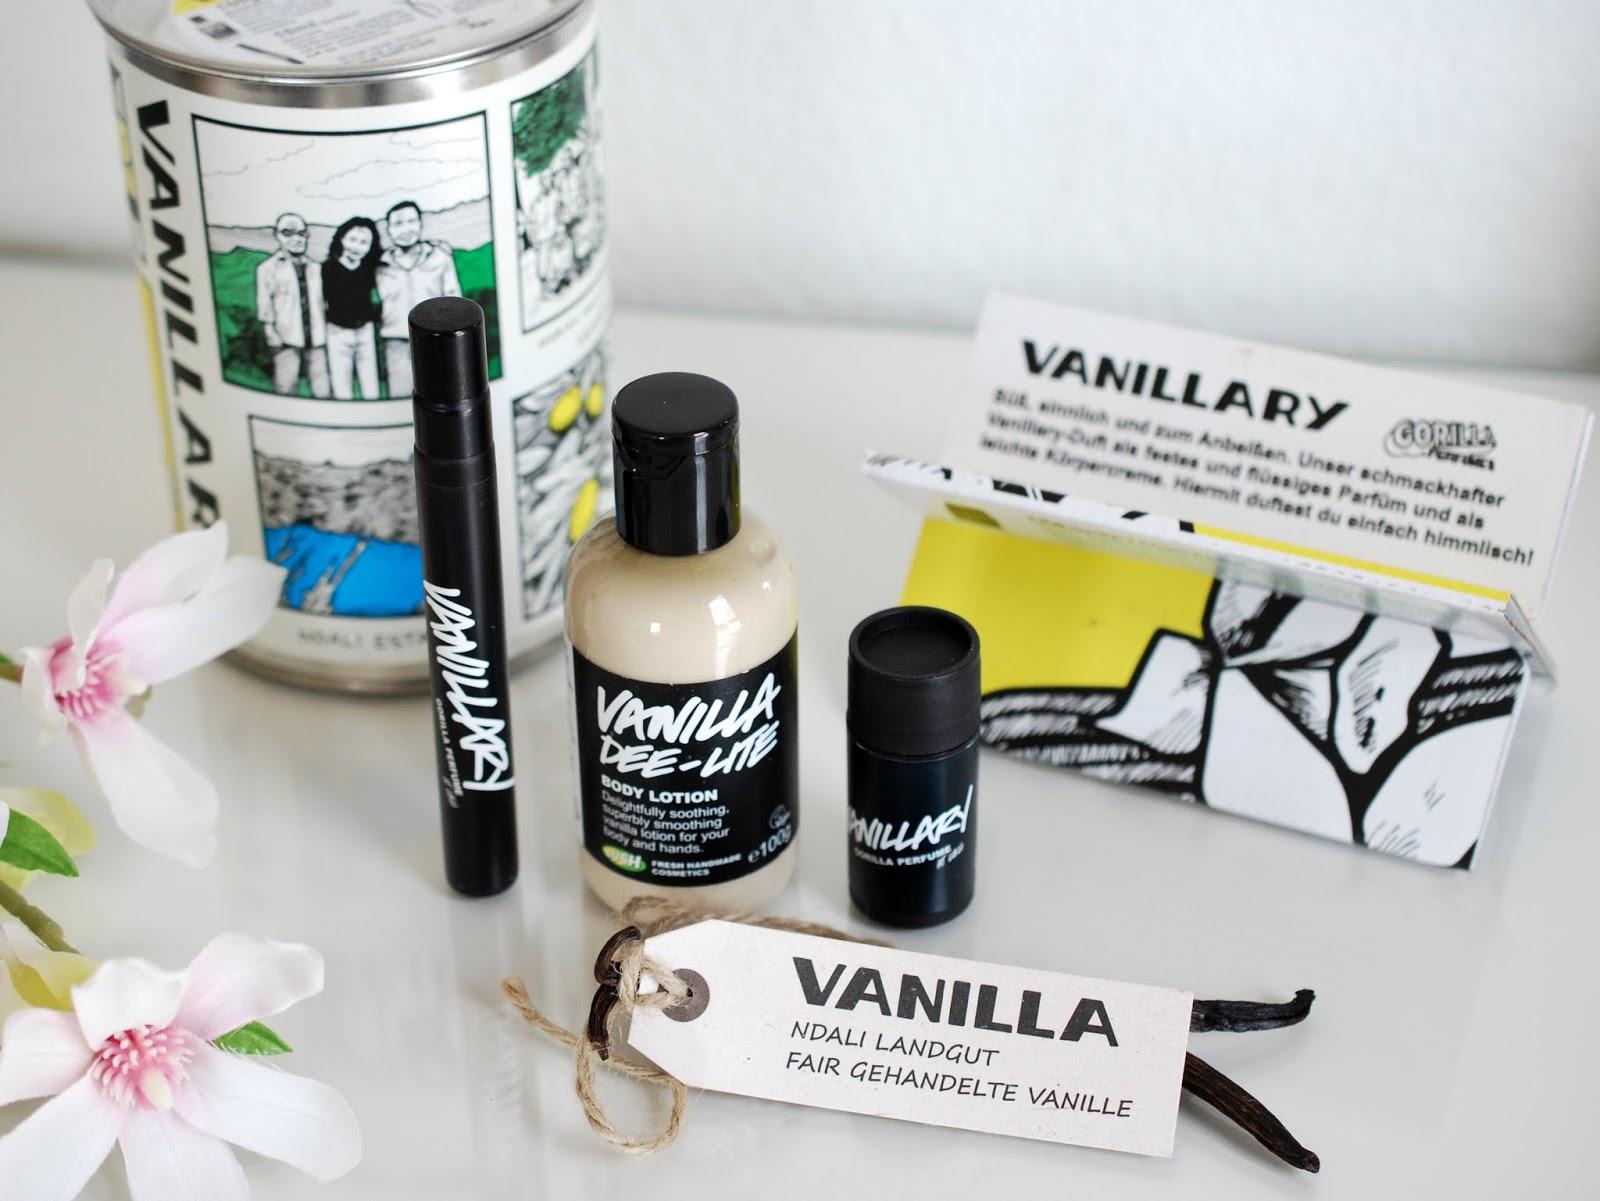 Exklusives und limitiertes Lush Vanillary Geschenk in der Sammlerbox